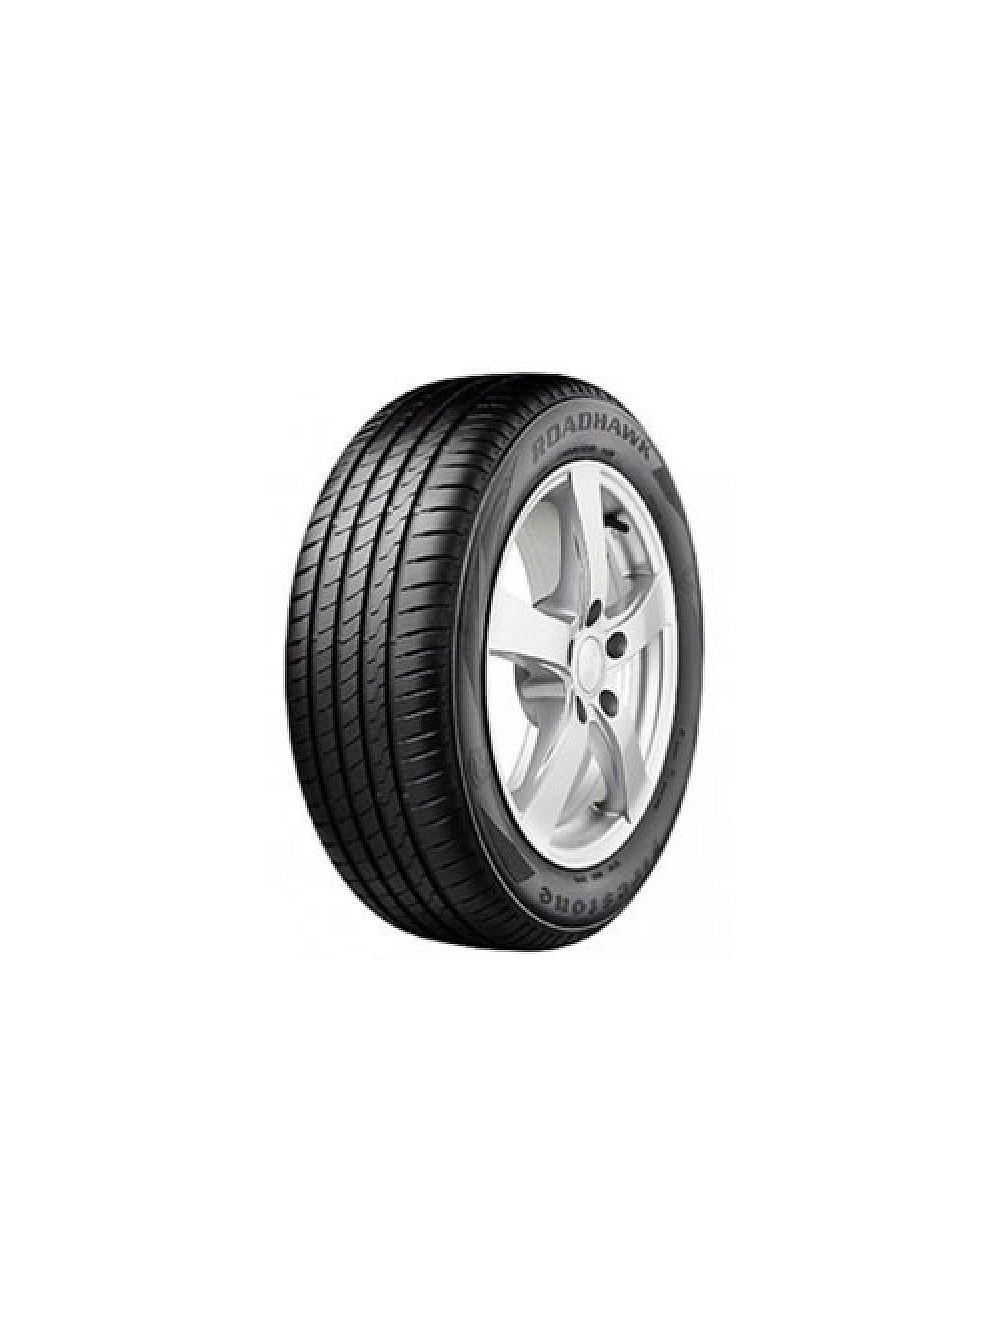 Firestone 255/50R20 Y RoadHawk XL Nyári gumi